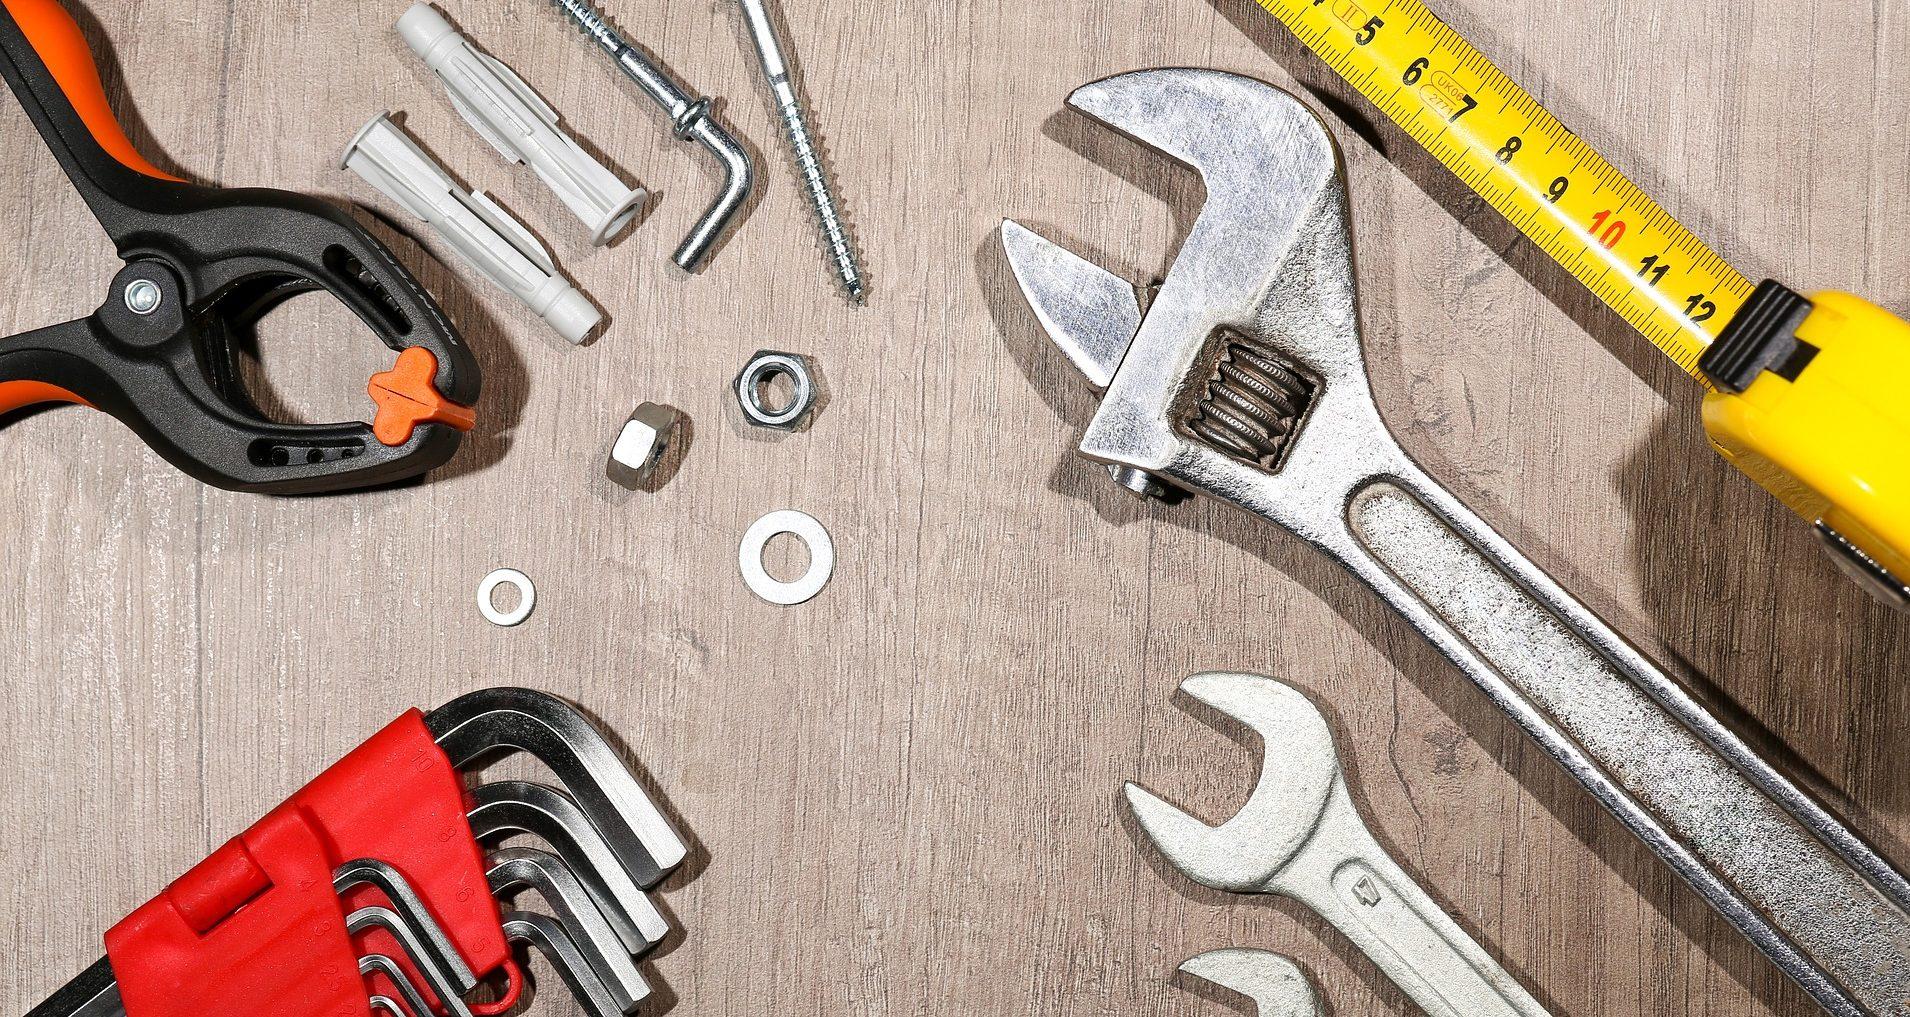 Lehrkräfte sollten ihr Werkzeug - die Unterrichtsmethode - mit Bedacht wählen. Foto: pixabay